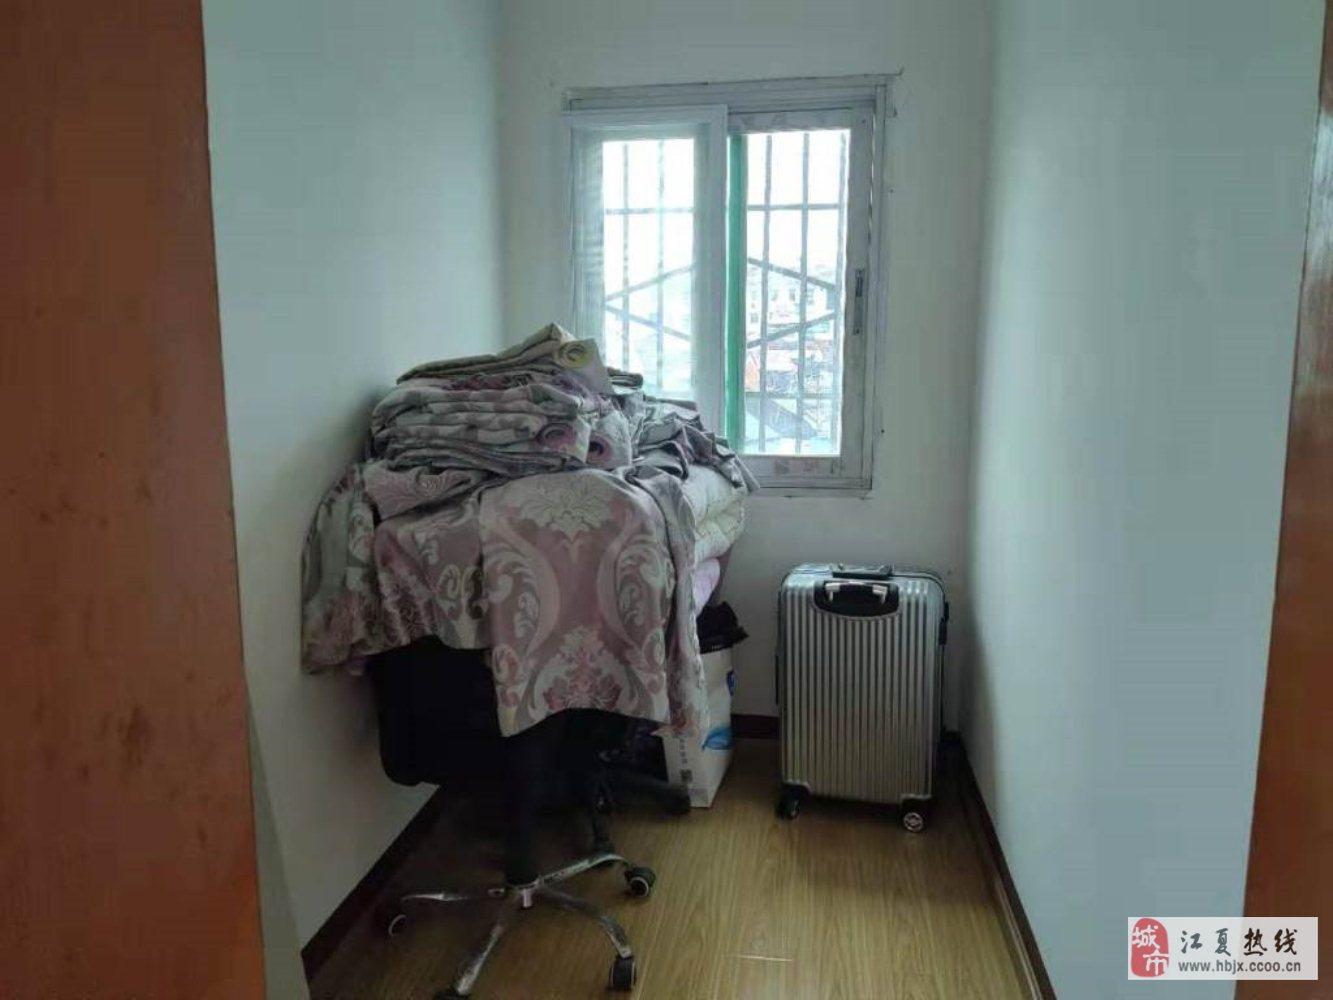 中心港小区2室1厅1卫29万元合同房需一次性付